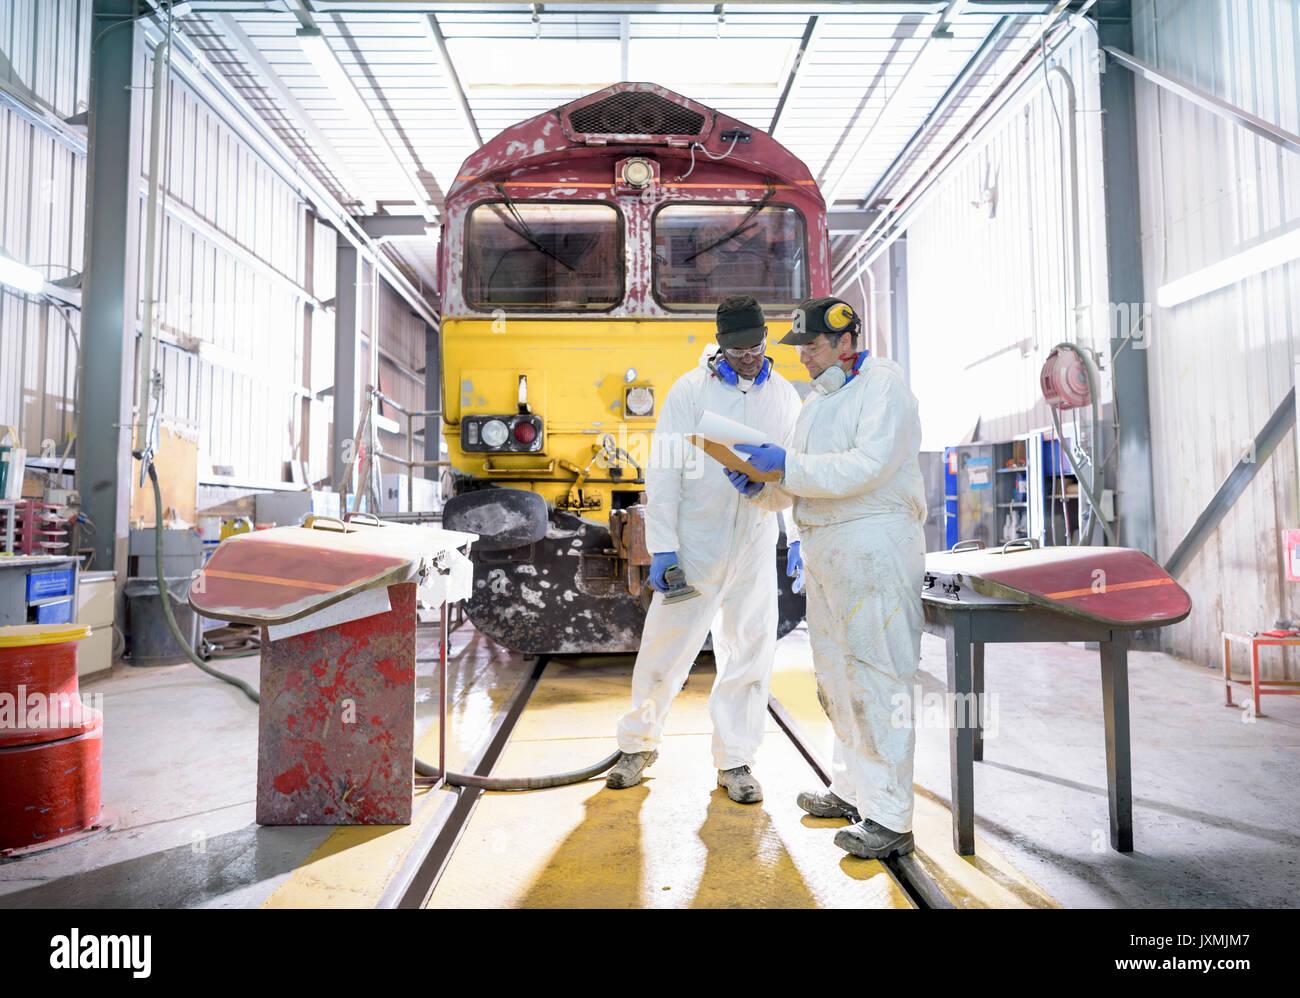 Pittori in paintshop con rinnovato locomotiva nel treno funziona Immagini Stock